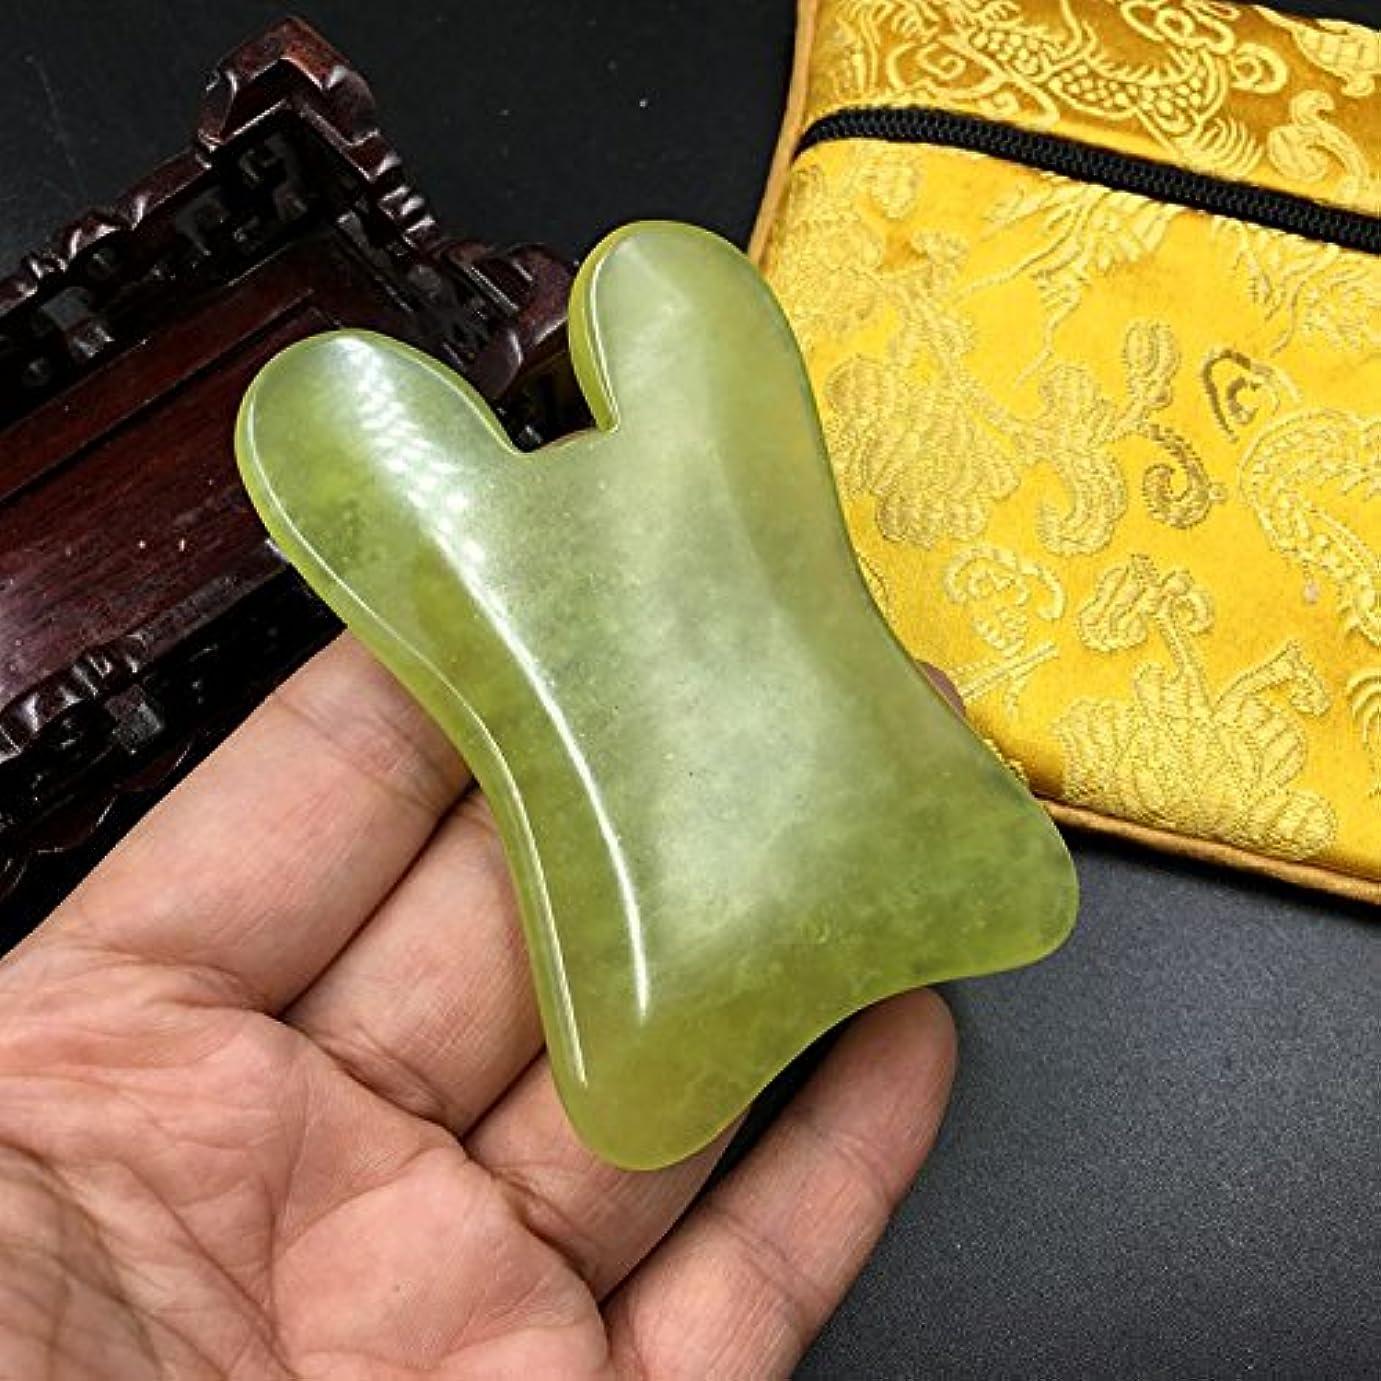 ファンネルウェブスパイダー環境に優しい胃1点1pcFace / Body Massage Natural Jade Gua Sha Board U 形 shape かっさプレート 天然石 翡翠(顔?ボディのリンパマッサージ)